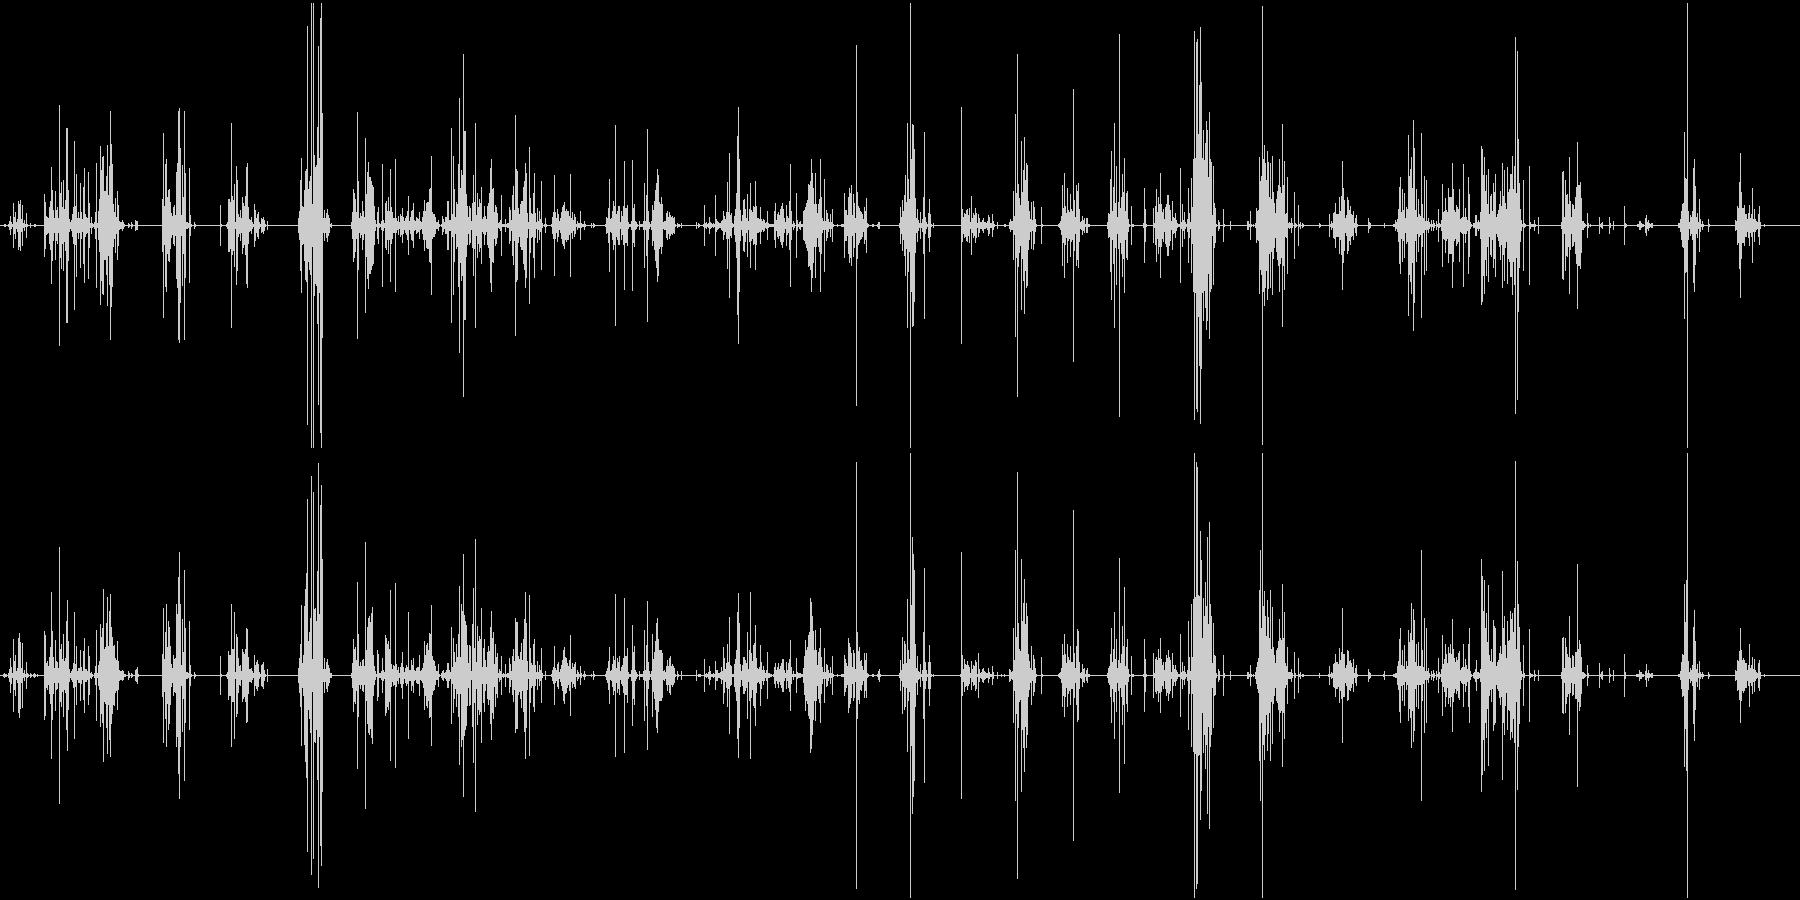 【生録音】ASMR 新聞紙の音 ノイズの未再生の波形